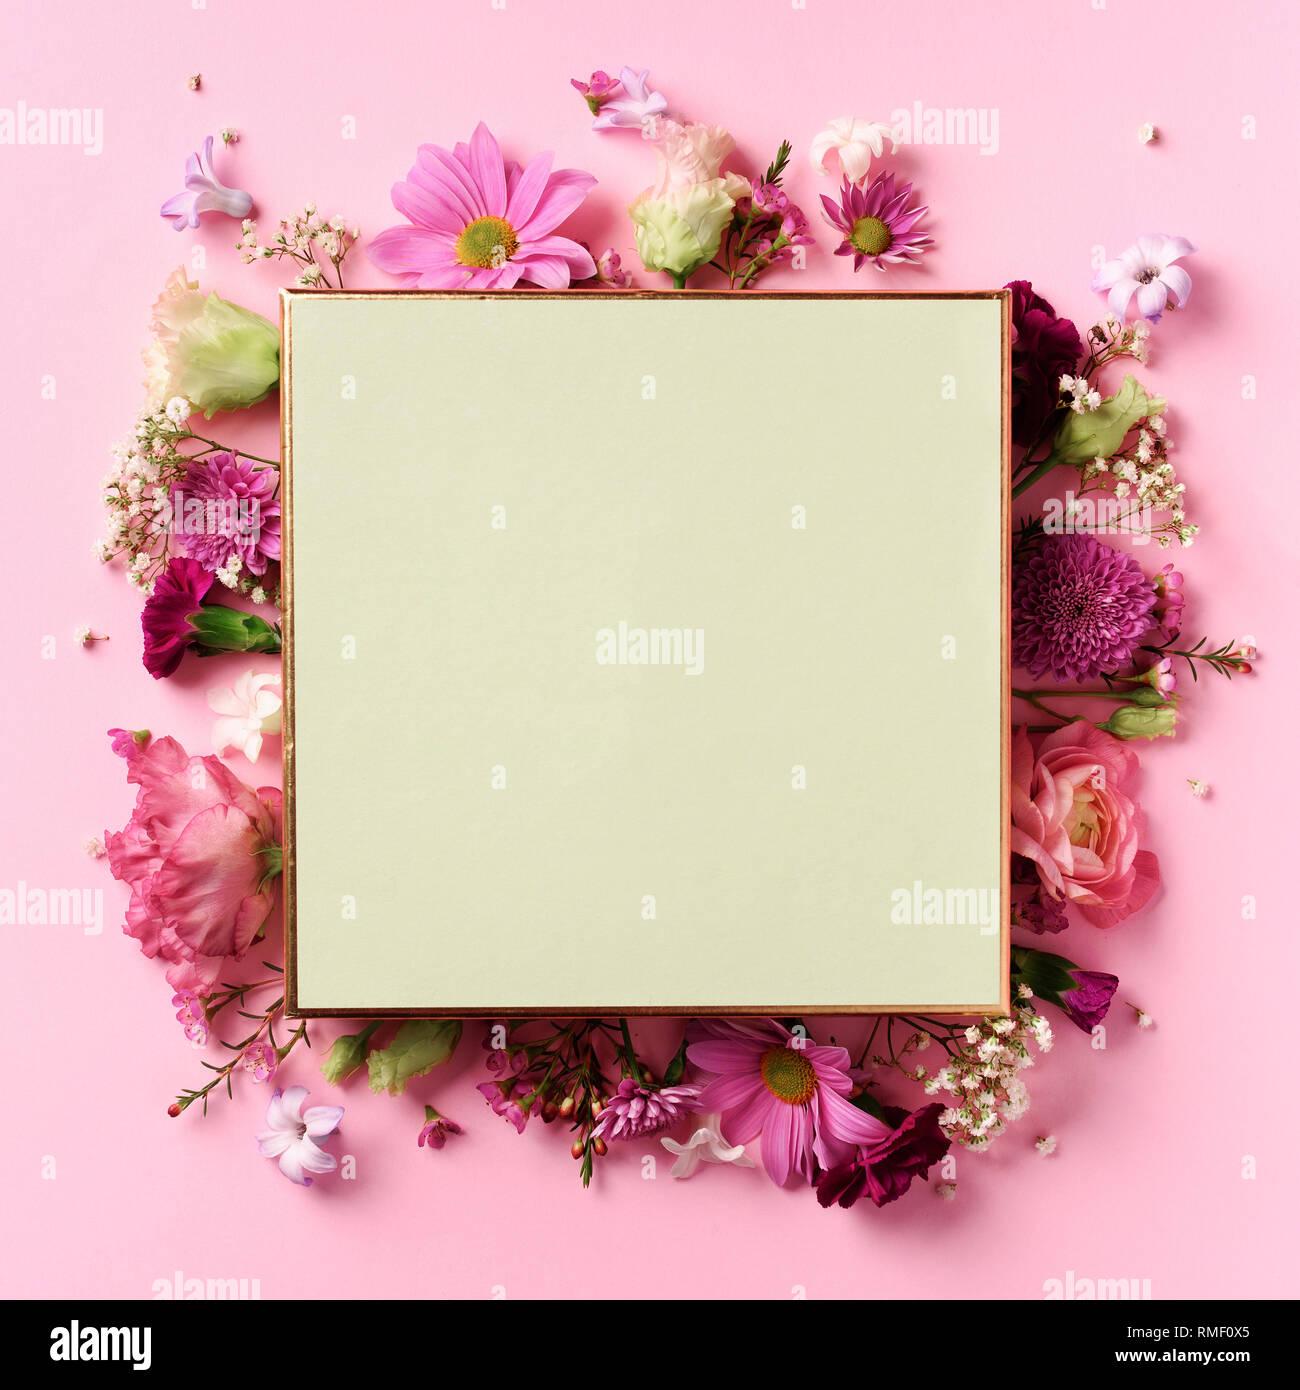 7e7499cc9395a Marco de flores rosas más incisivas de fondo pastel. Día de San Valentín